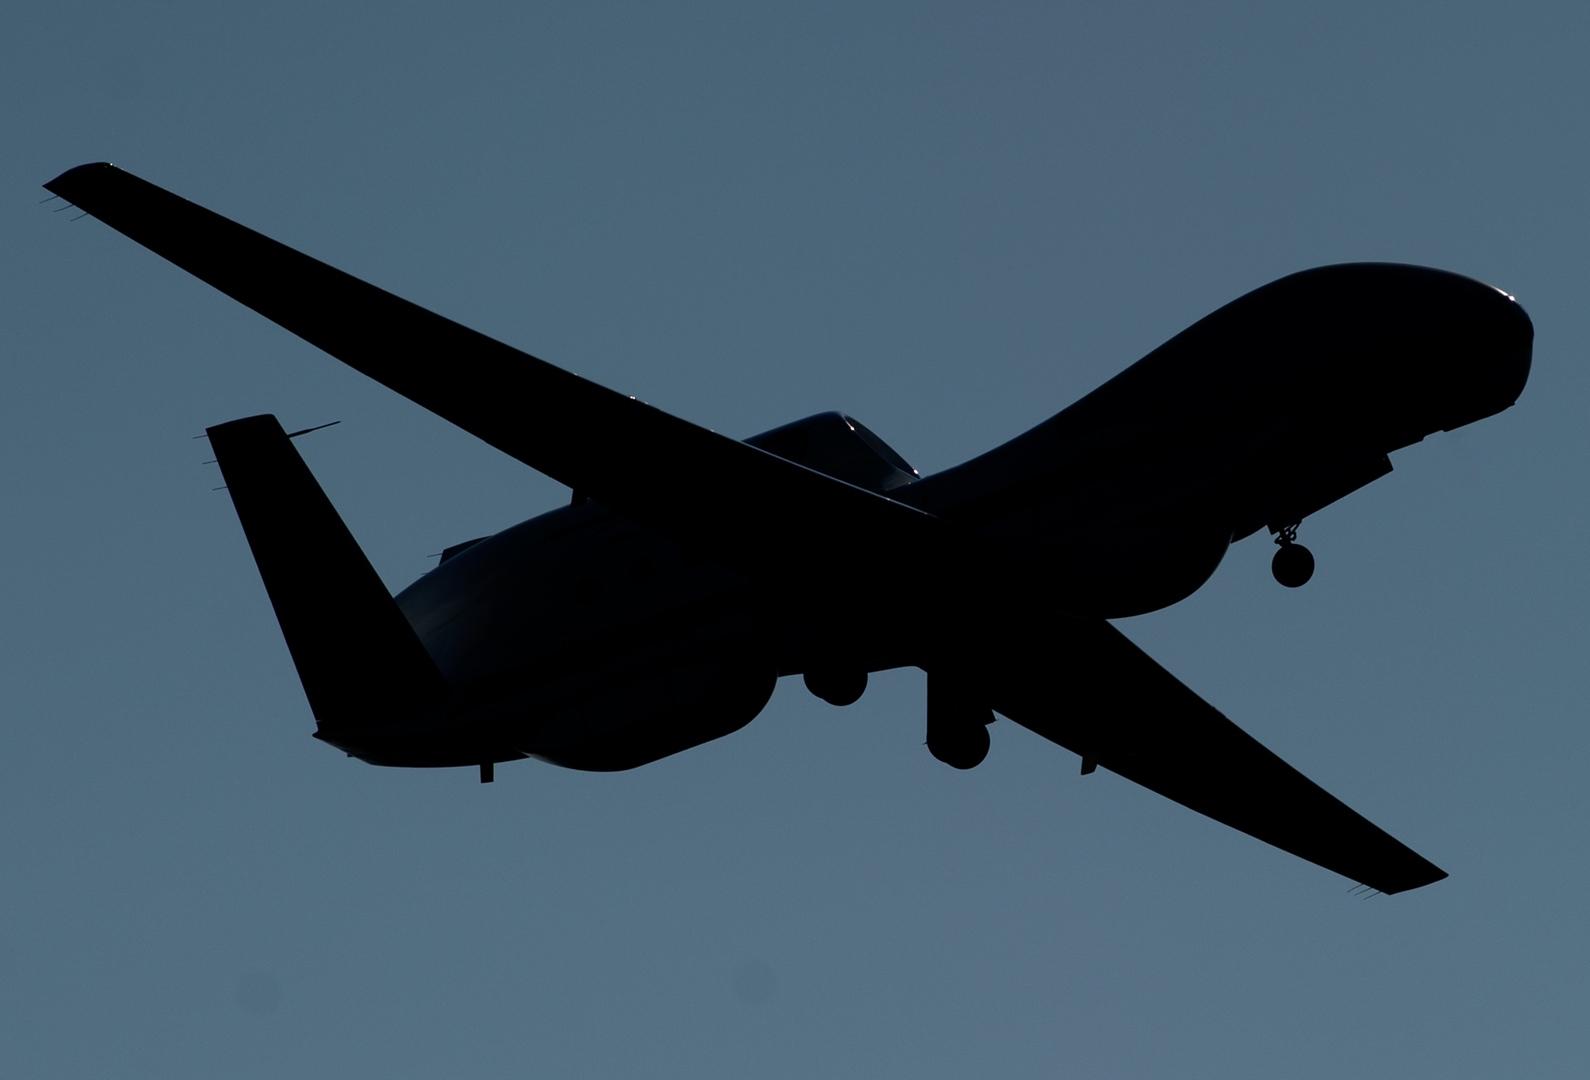 طائرة بريطانية تنفذ عملية استطلاع قرب الحدود الروسية